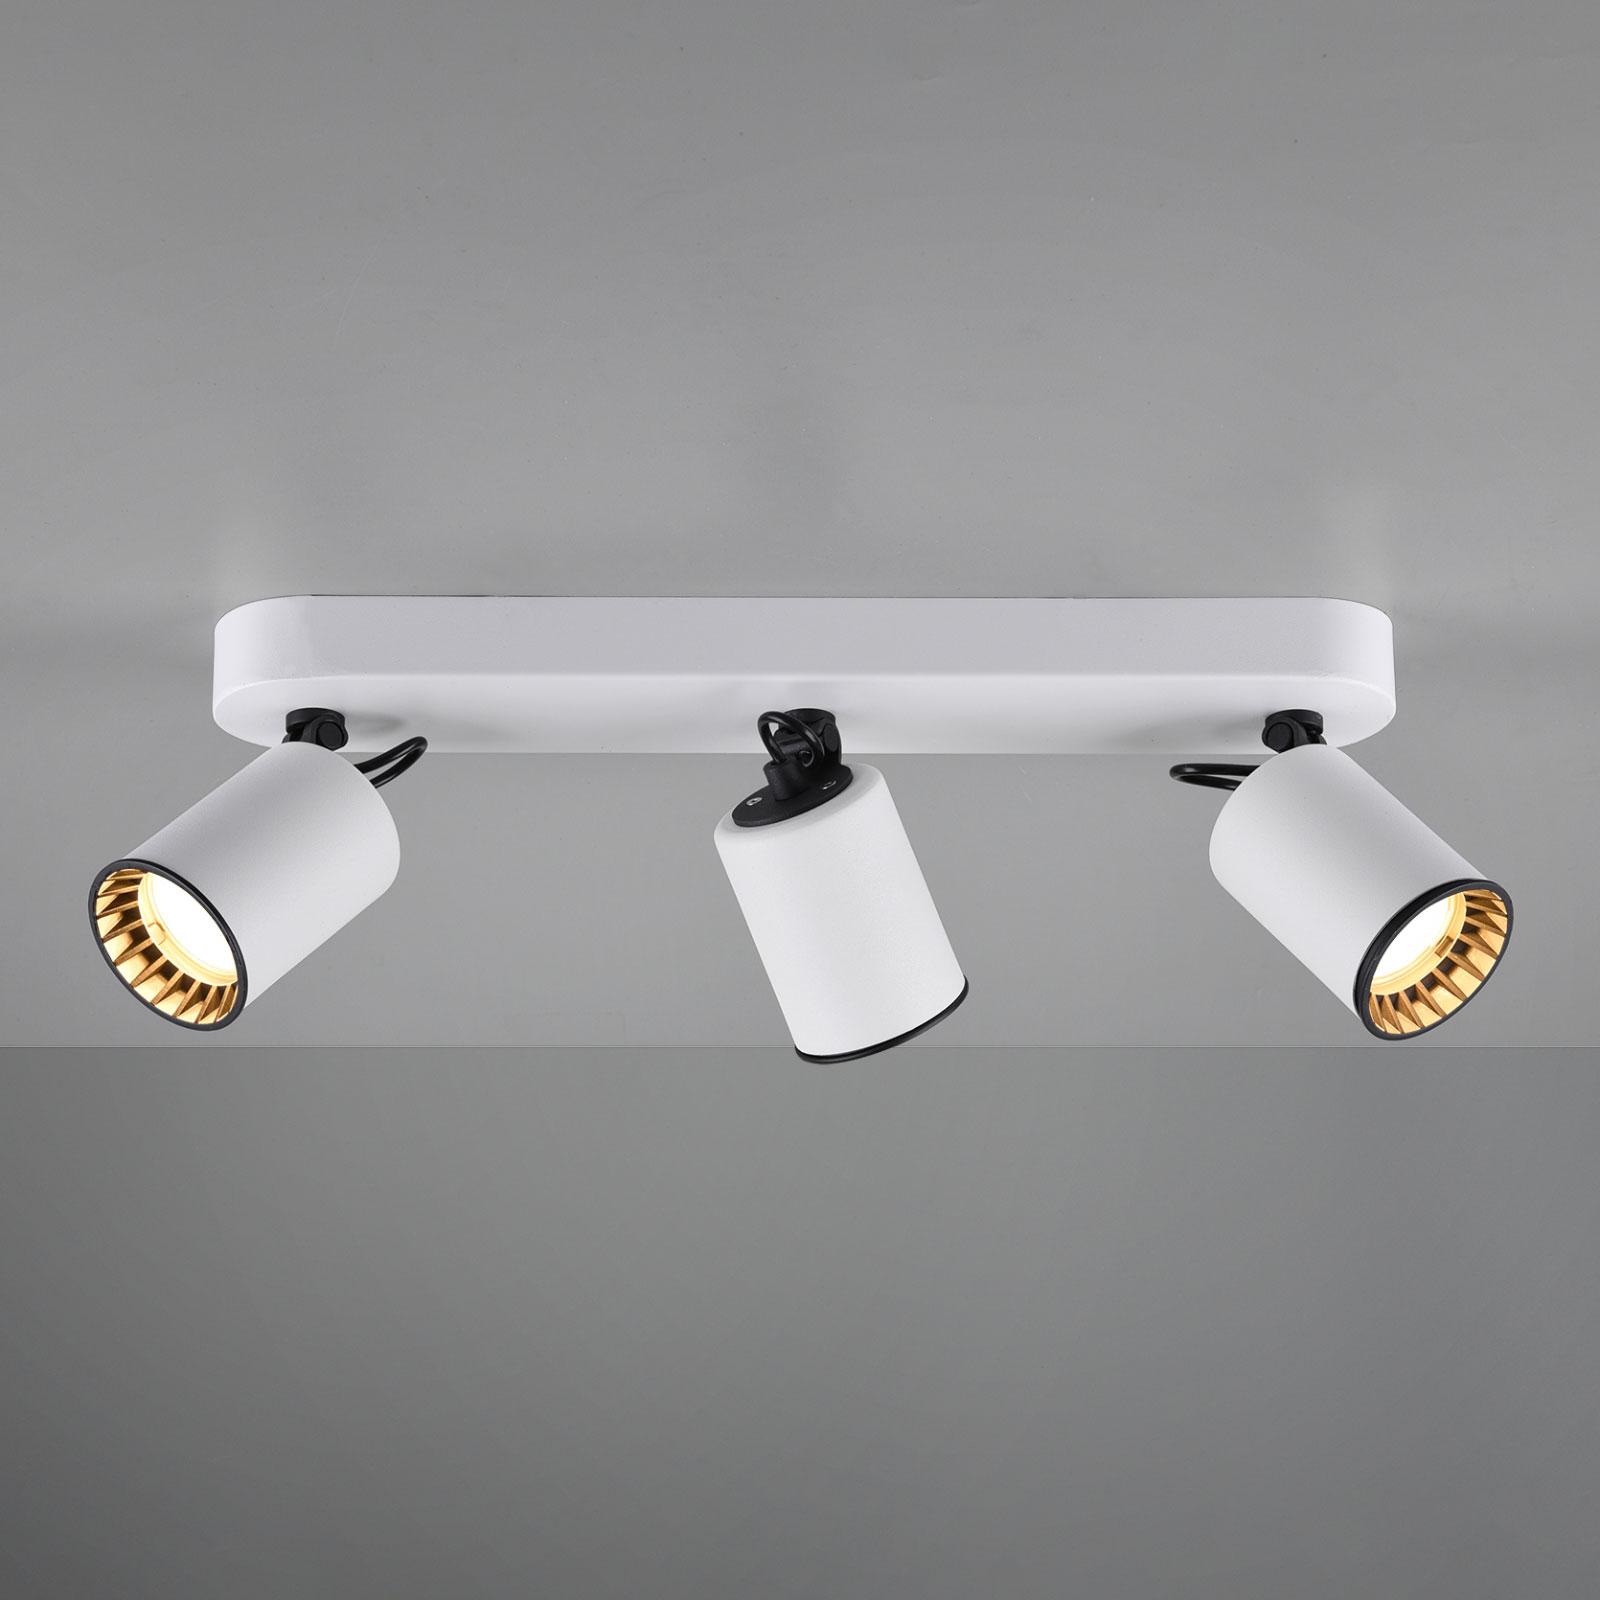 Stropní reflektor Pago, tři žárovky, bílý